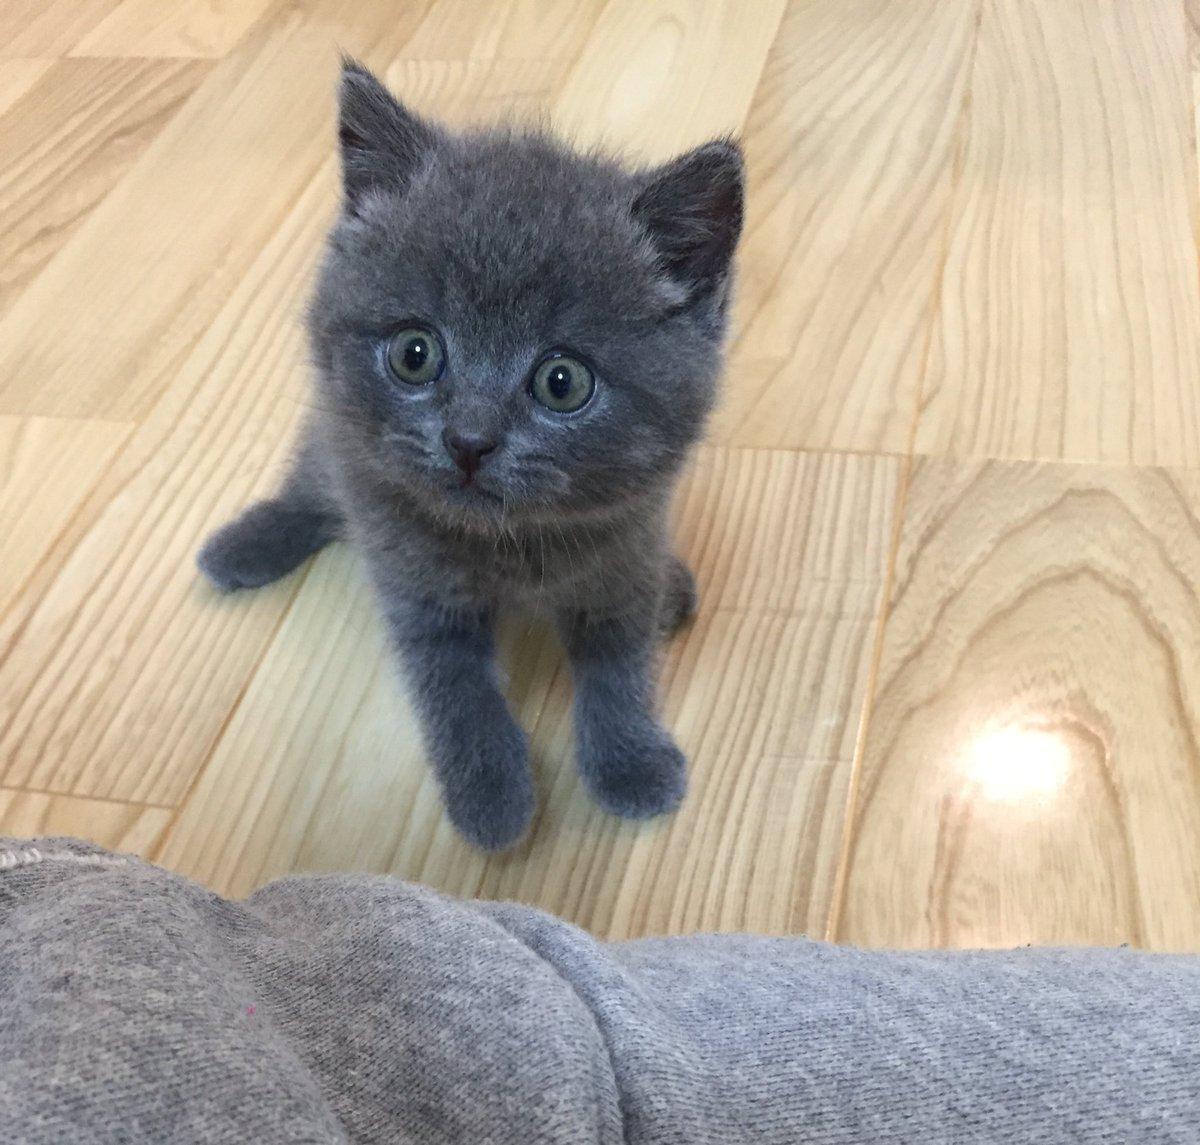 素敵なタグを見つけたので   #これ見た人は子猫が成長した画像貼れ